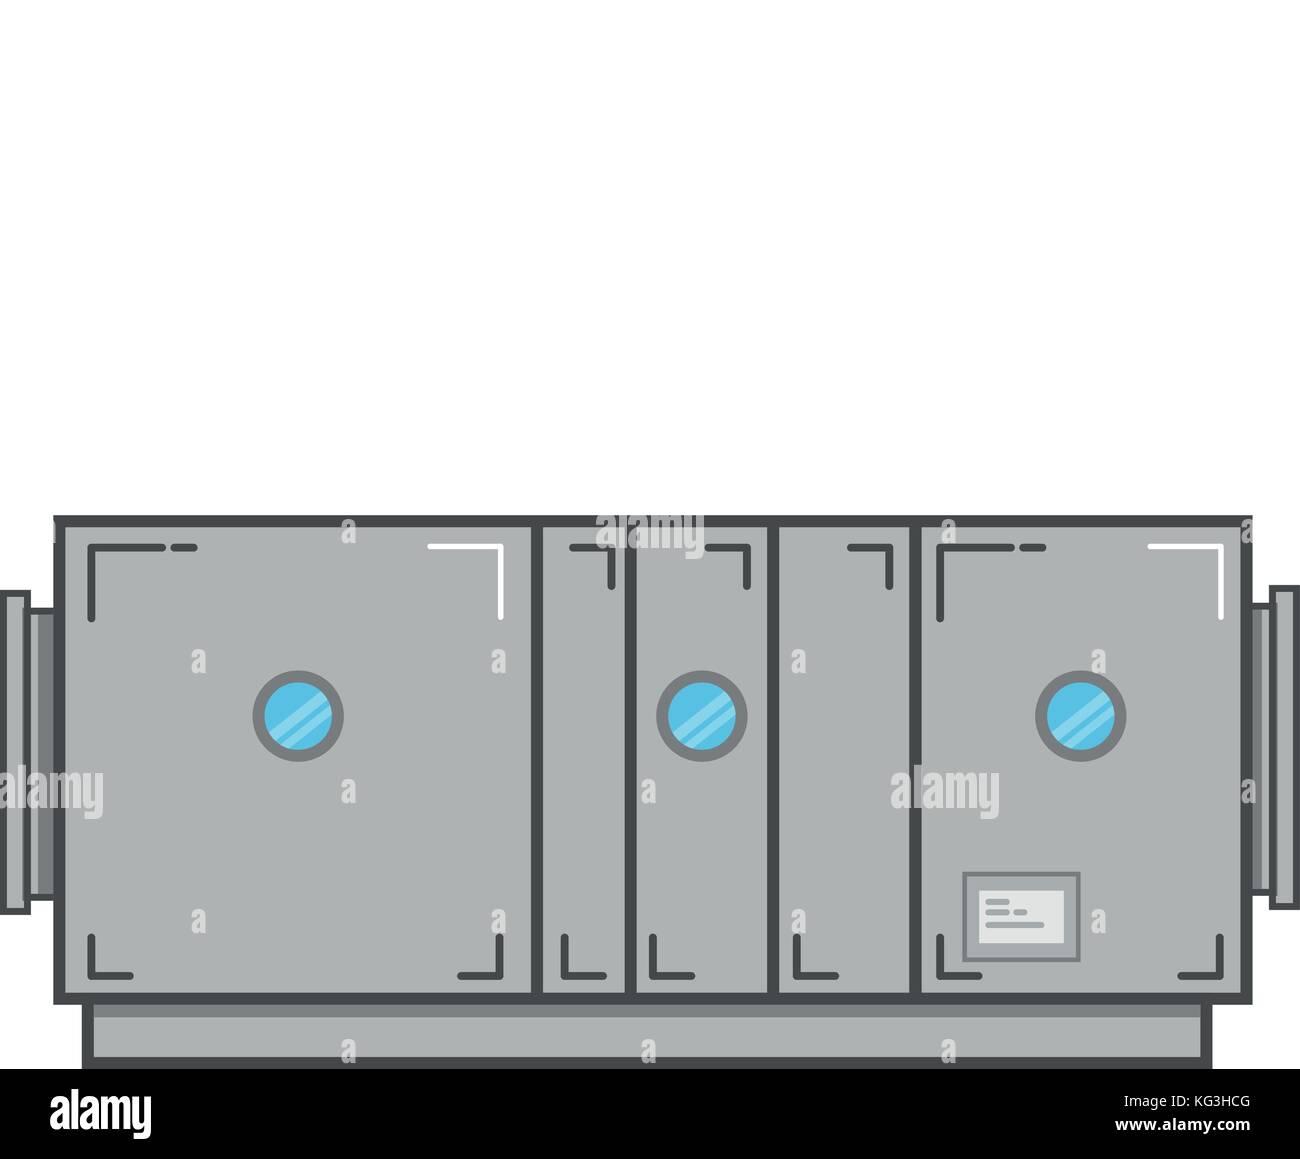 hight resolution of air handling unit vector